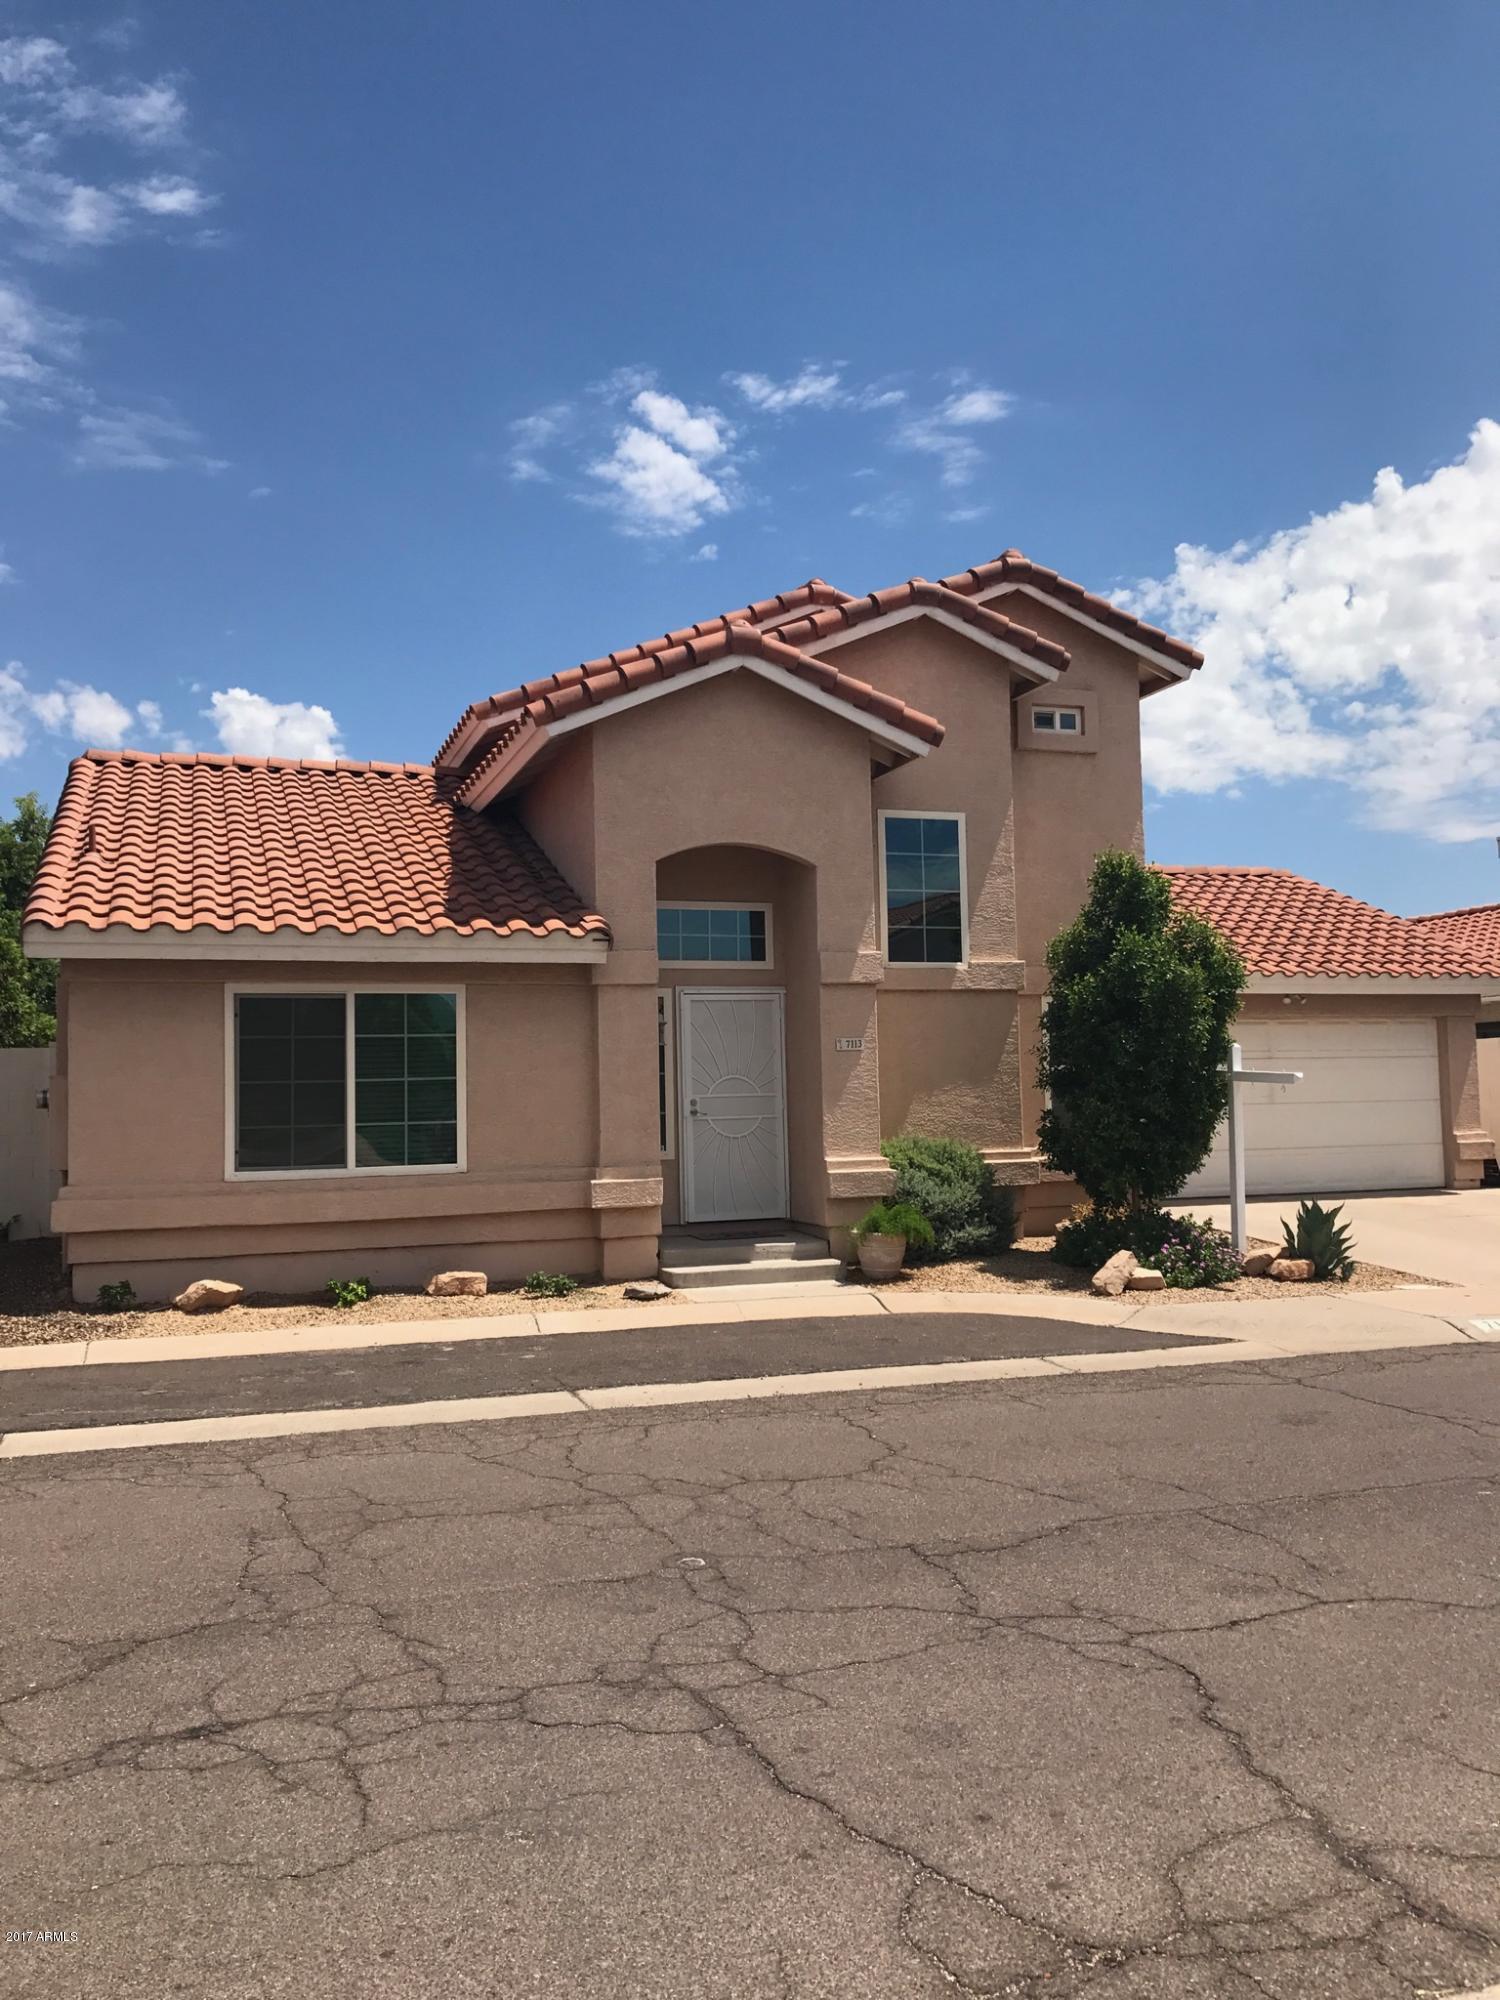 7113 N 28TH Drive, Phoenix, AZ 85051